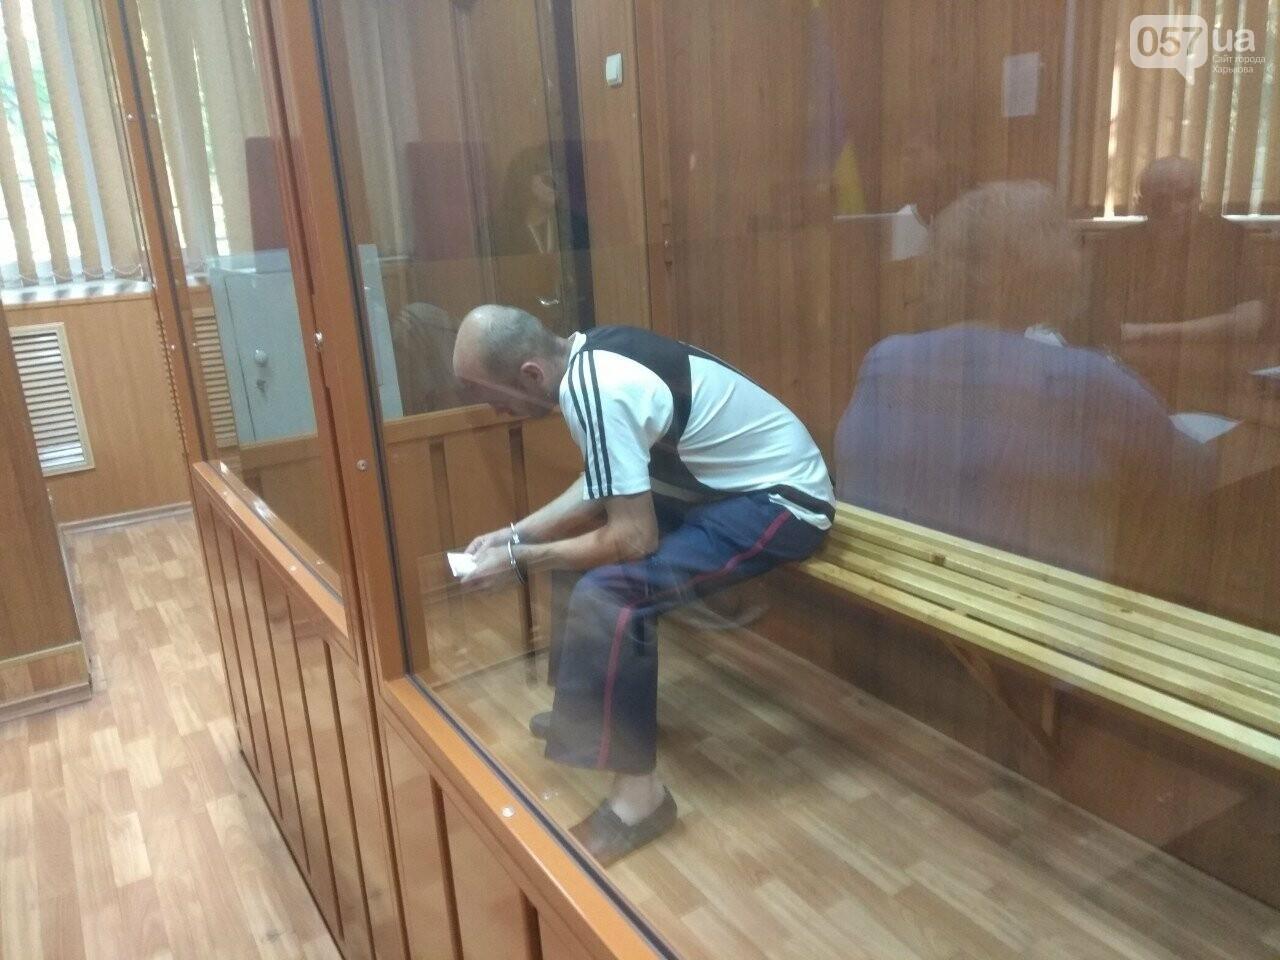 Суд по изнасилованию девочки в Харькове проходит в закрытом режиме, - ФОТО, фото-3